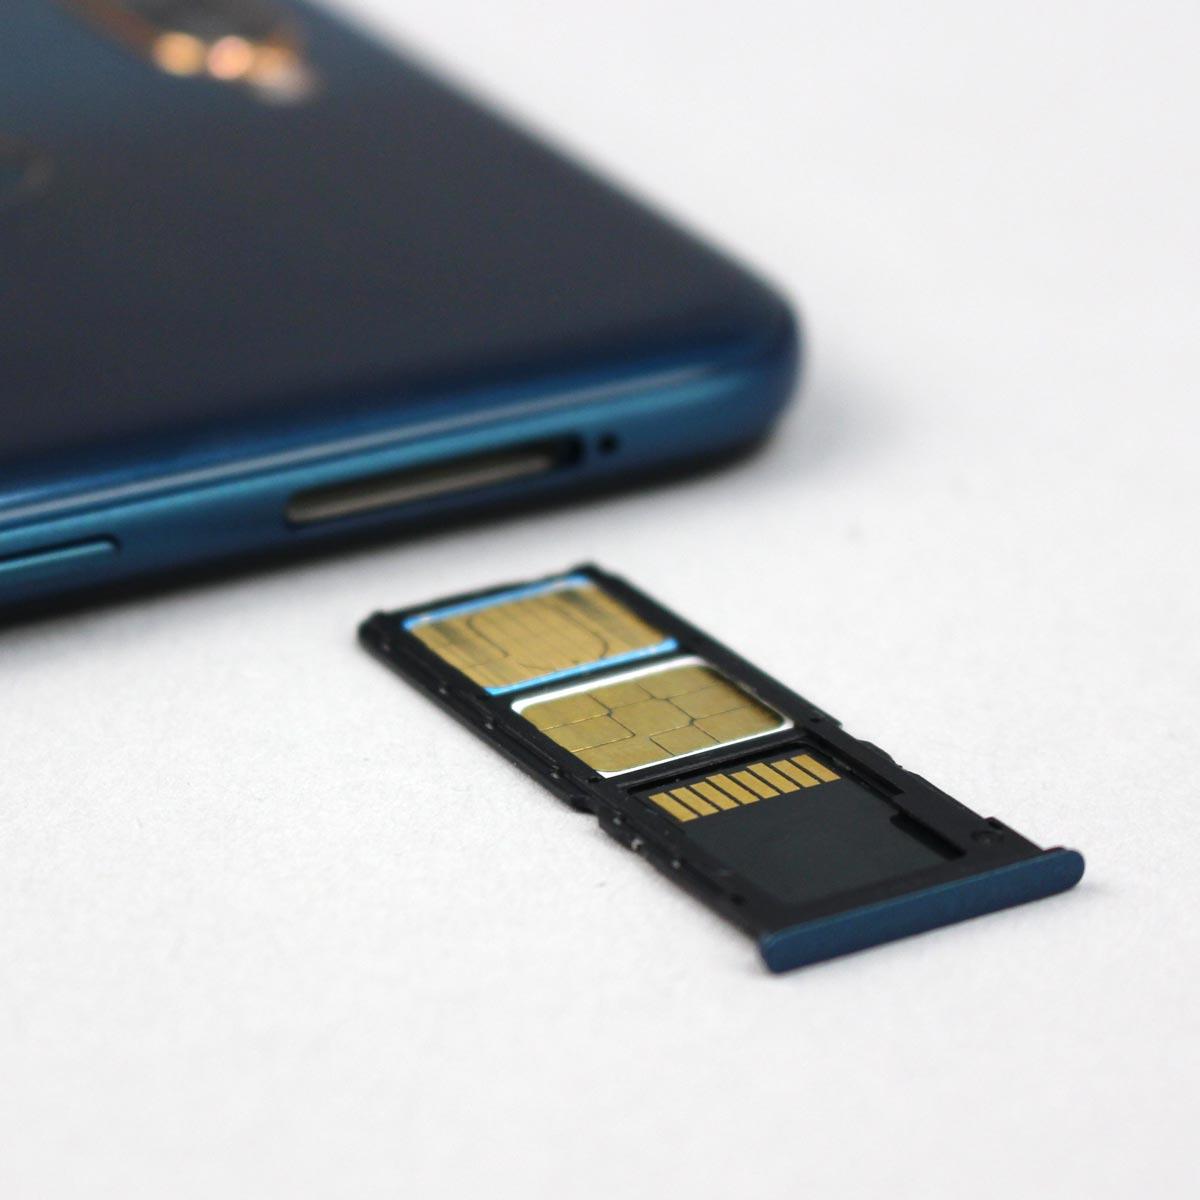 2枚のSIMカードを自在に使い分けられる、DSDV対応スマホカタログ(2020年6月更新)